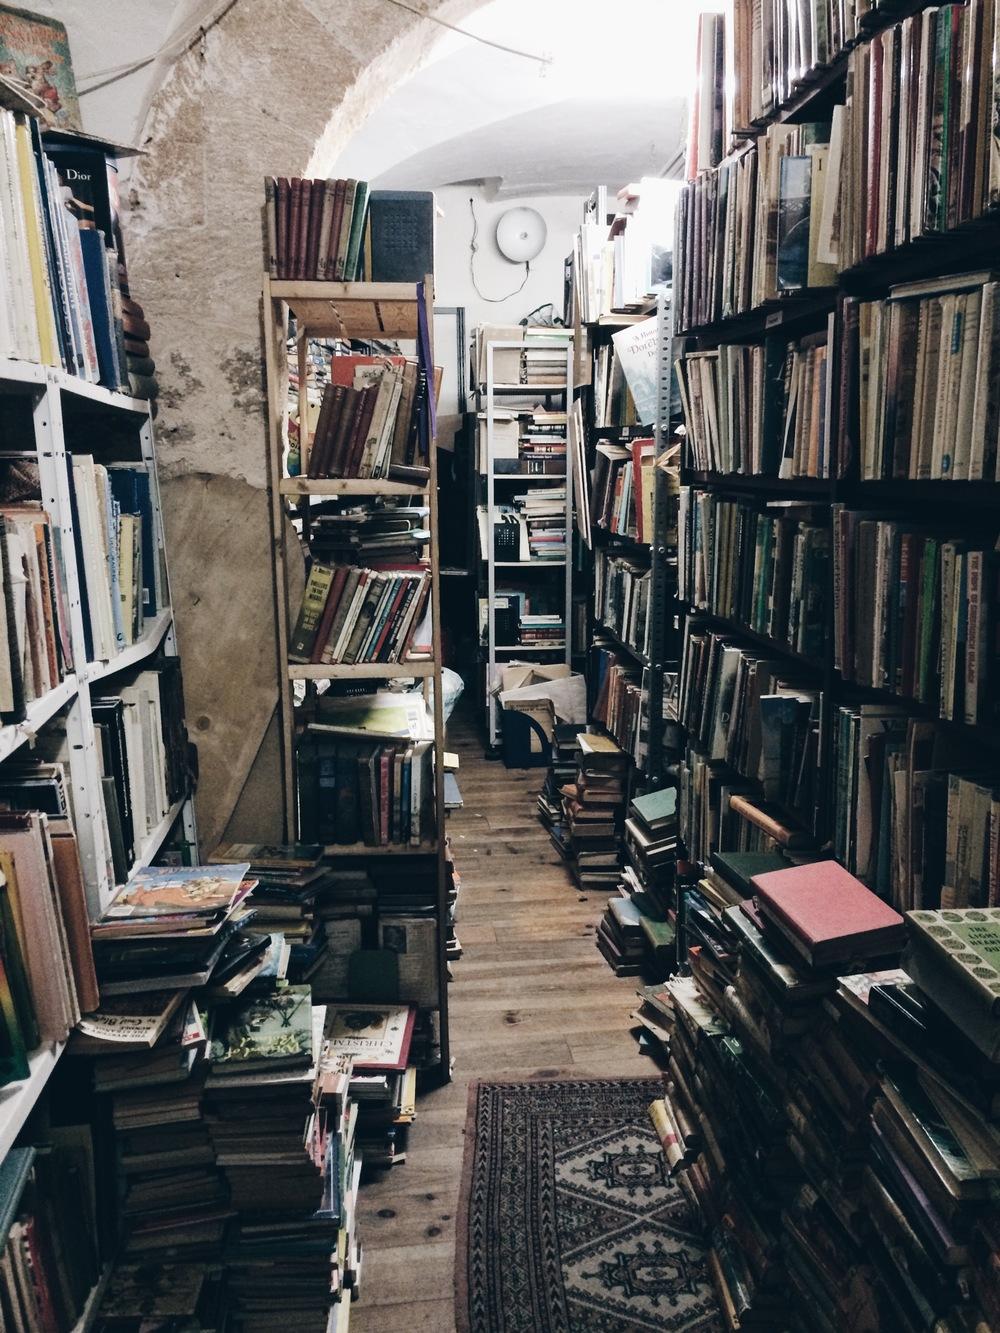 Fine Books Palma de Mallorca